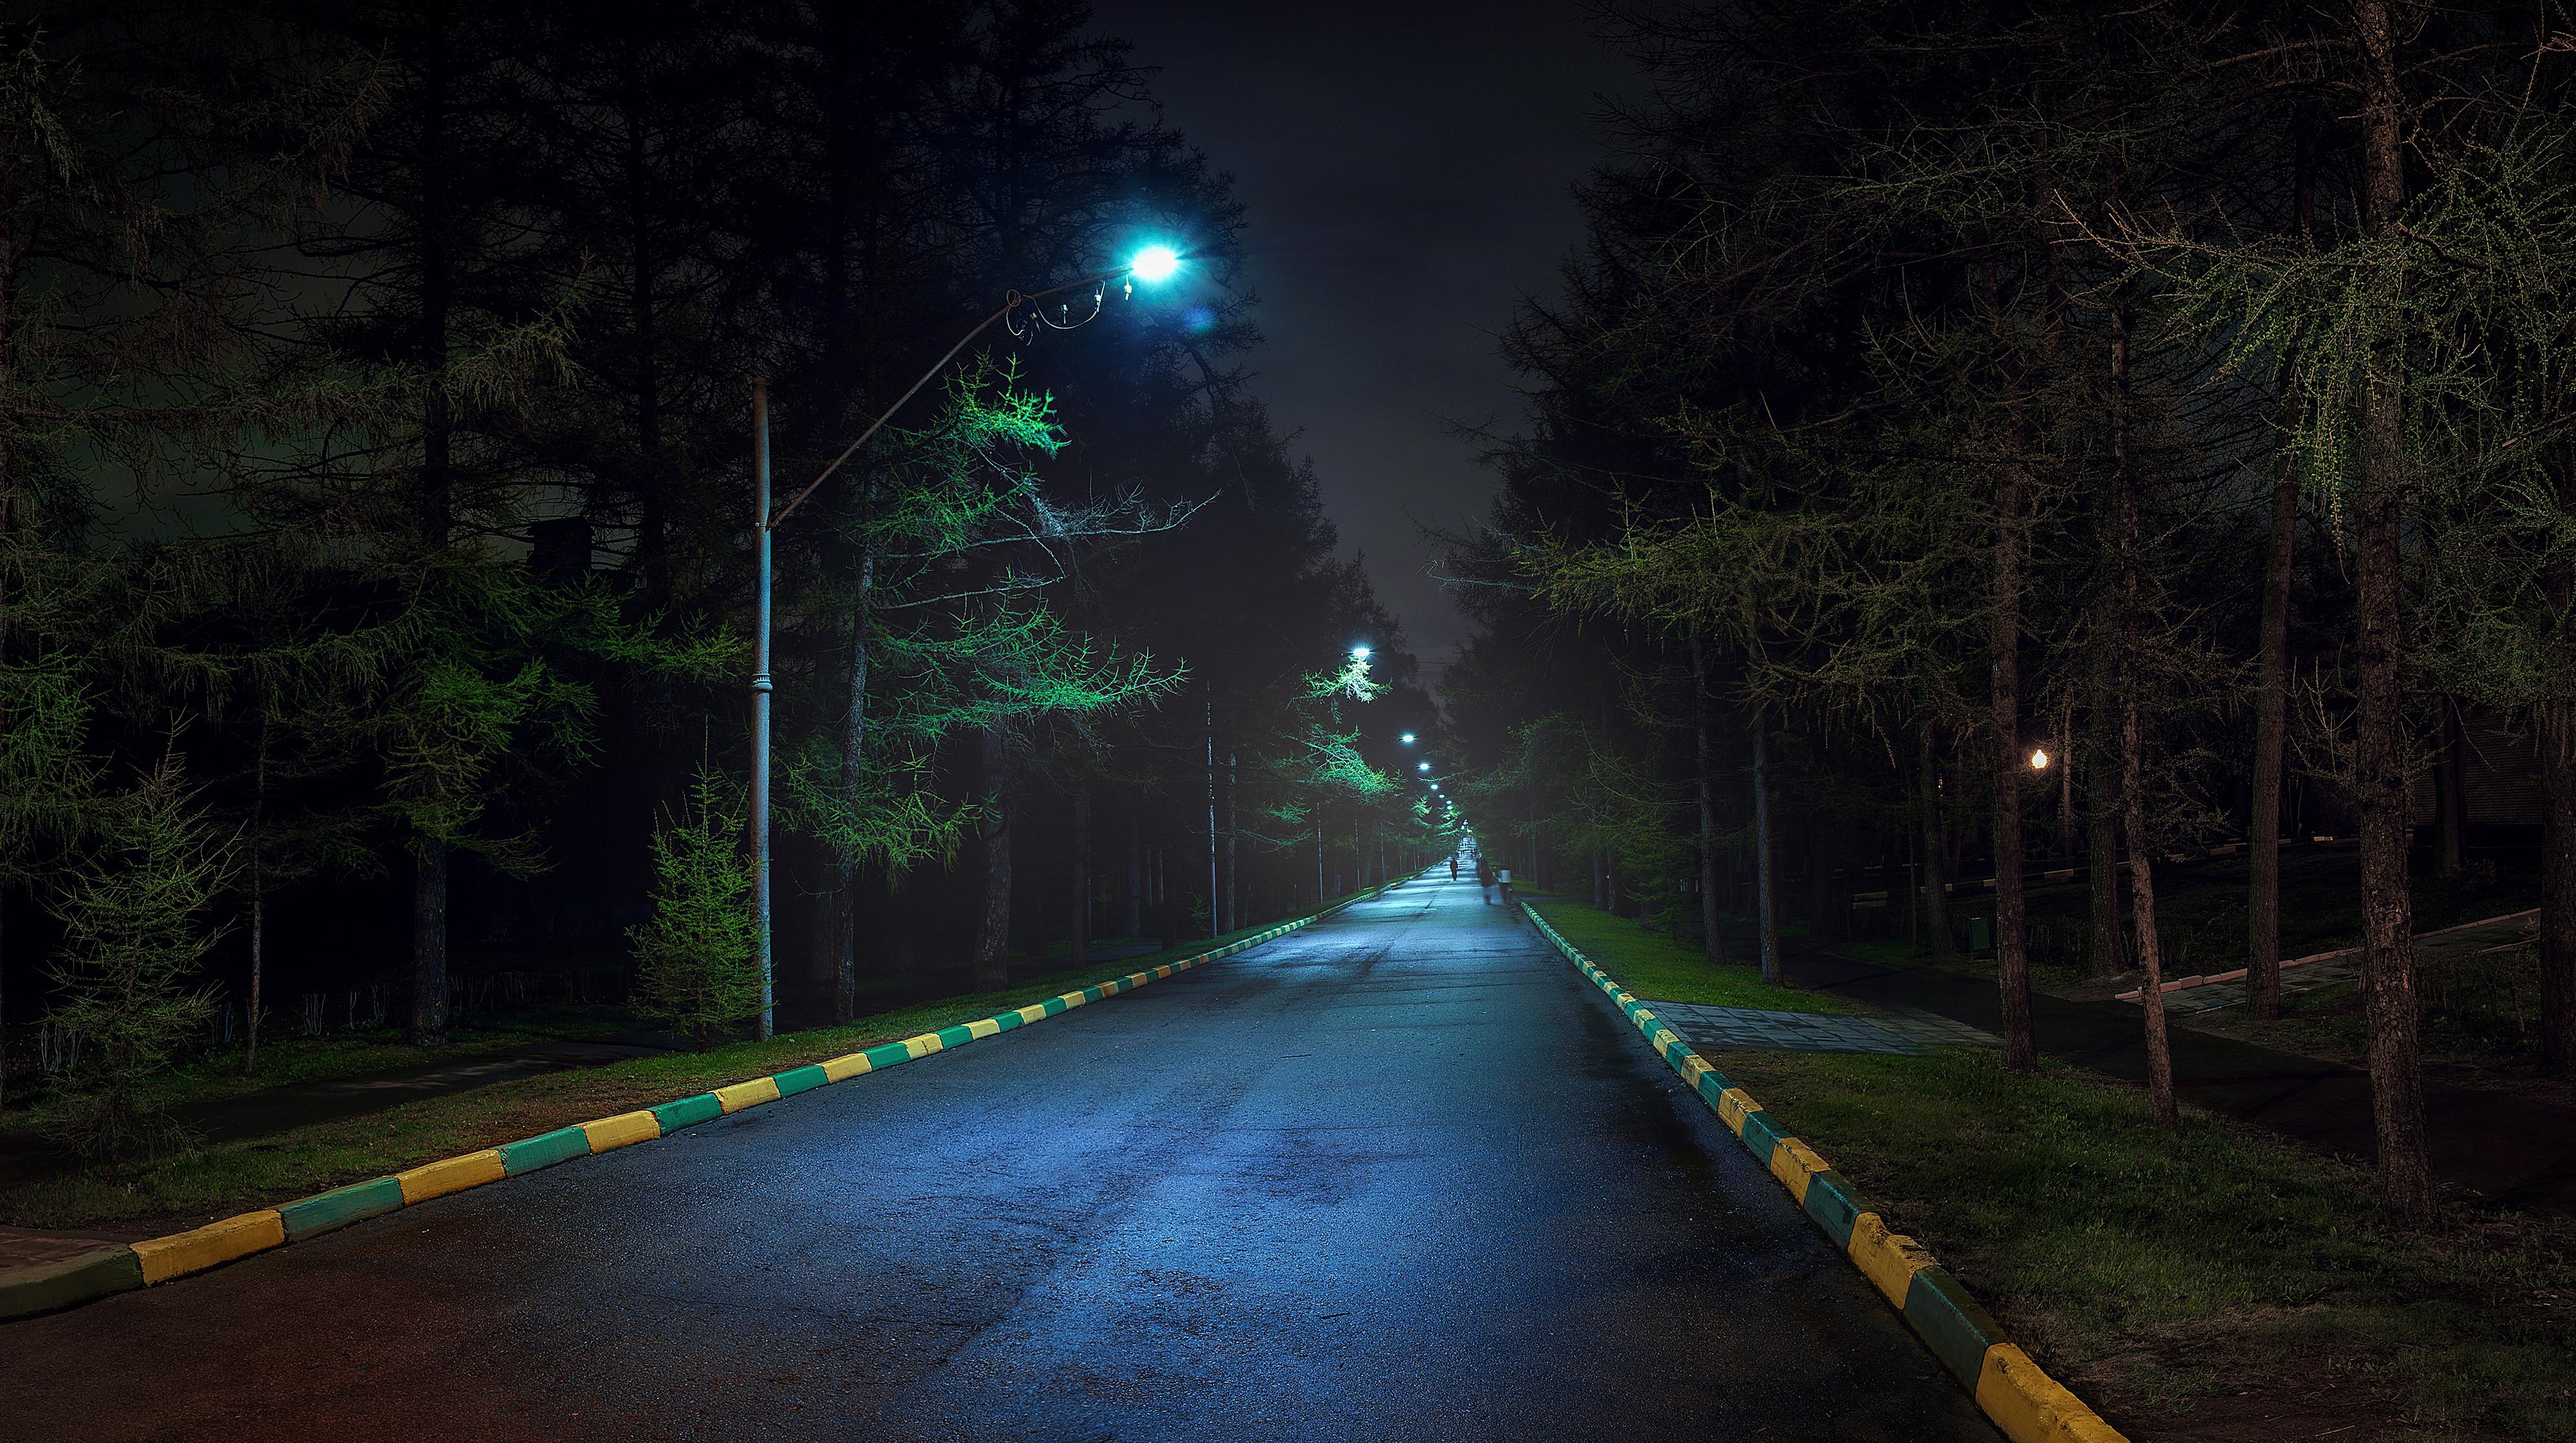 Франция дороги ночь фонари  № 2229317 без смс